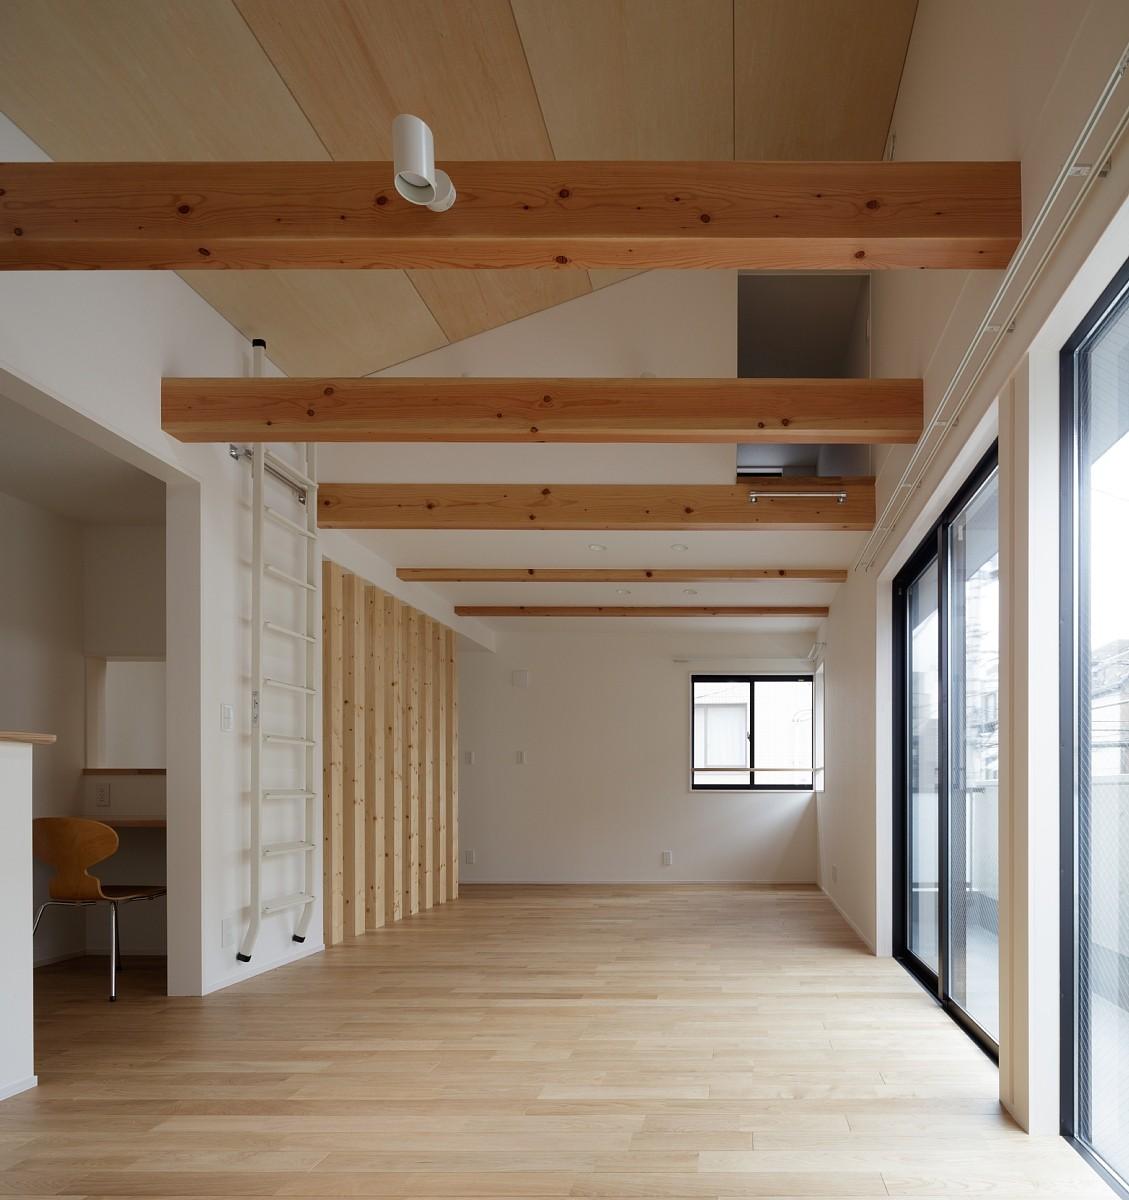 リビングダイニング事例:DK(小規模デザイナーズアパートメント|三茶の集住)